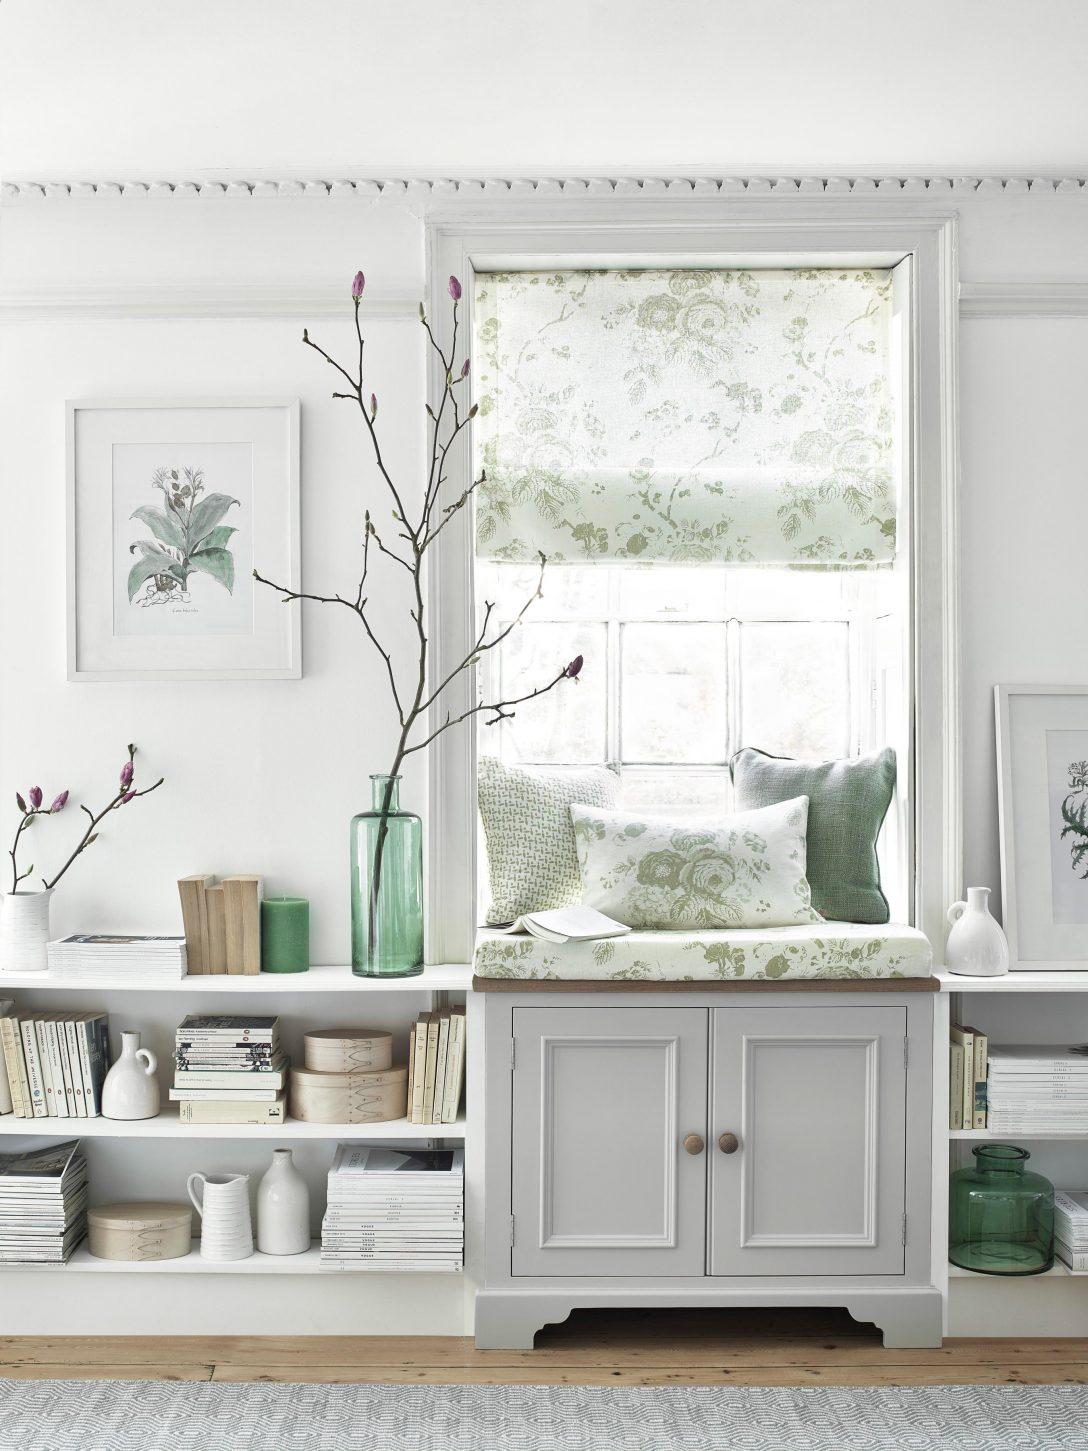 Large Size of Plissee Fenster Zum Klemmen Ikea Ohne Bohren Montage Im Glasfalz Ausmessen Soluna Montageanleitung Undicht Amazon Innen Montieren Kleben Stilvoller Und Fenster Plissee Fenster